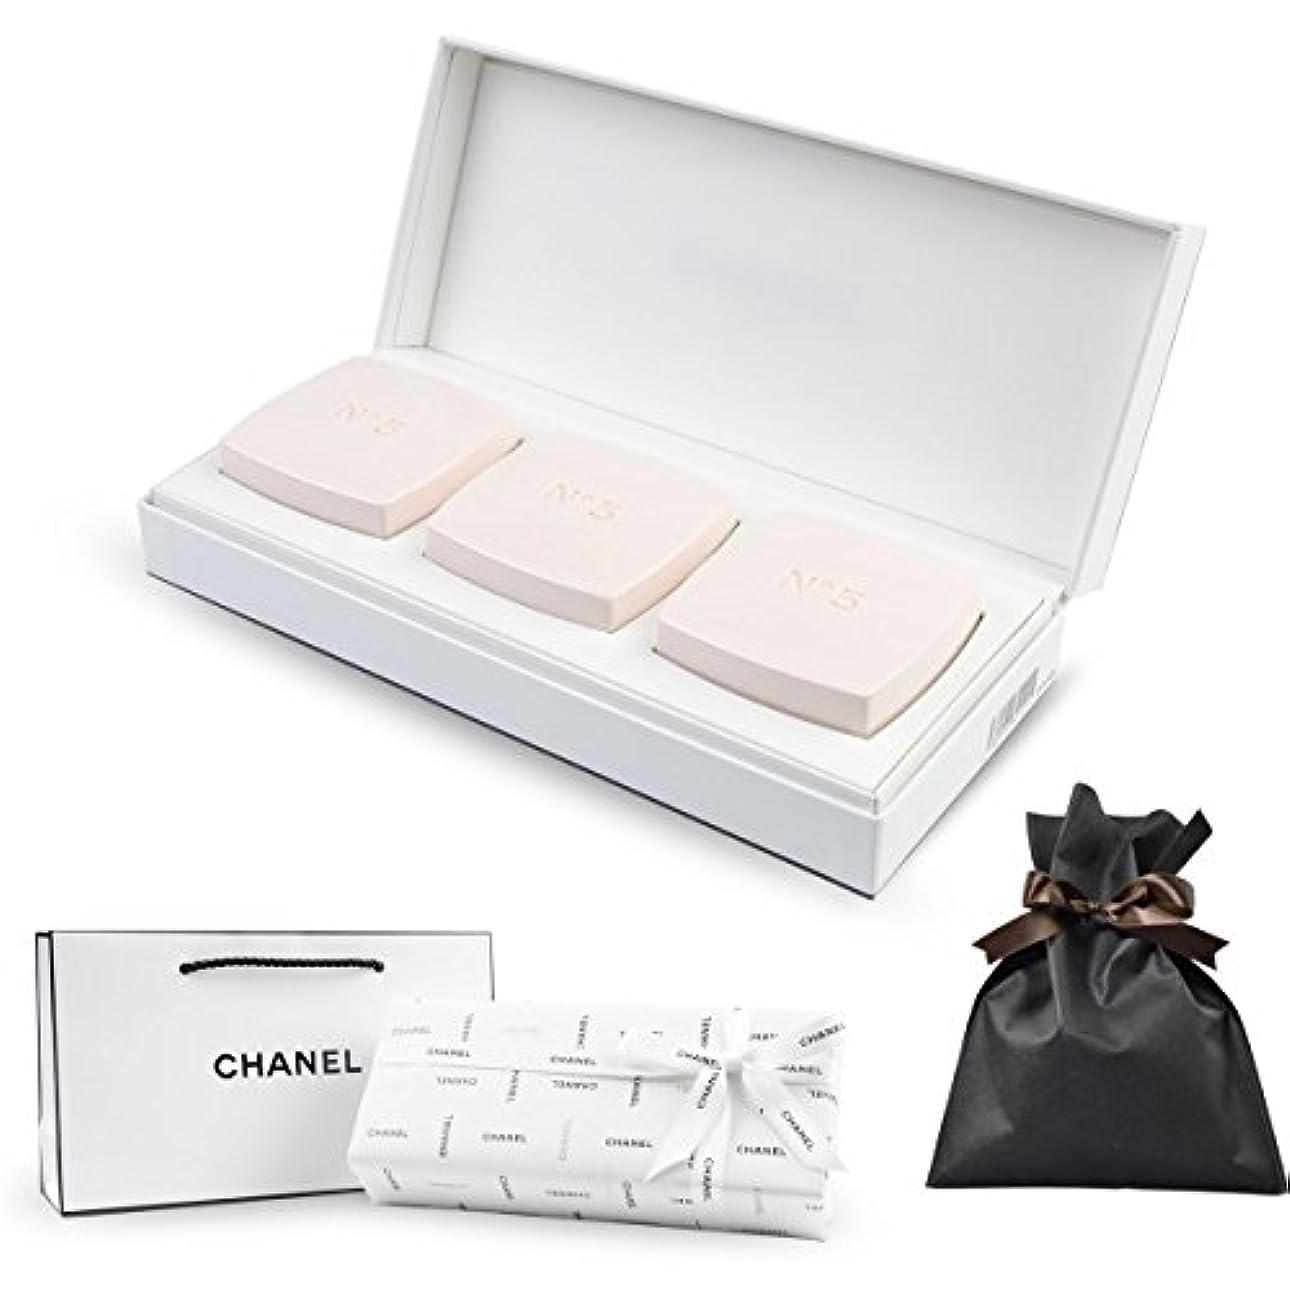 感謝しているカスタム合理化[セット品] ギフトラッピング済 CHANEL シャネル 国内正規品 N°5 サヴォン ギフトコレクション 石鹸 3個セット シャネルショップバッグ付 ボディソープ